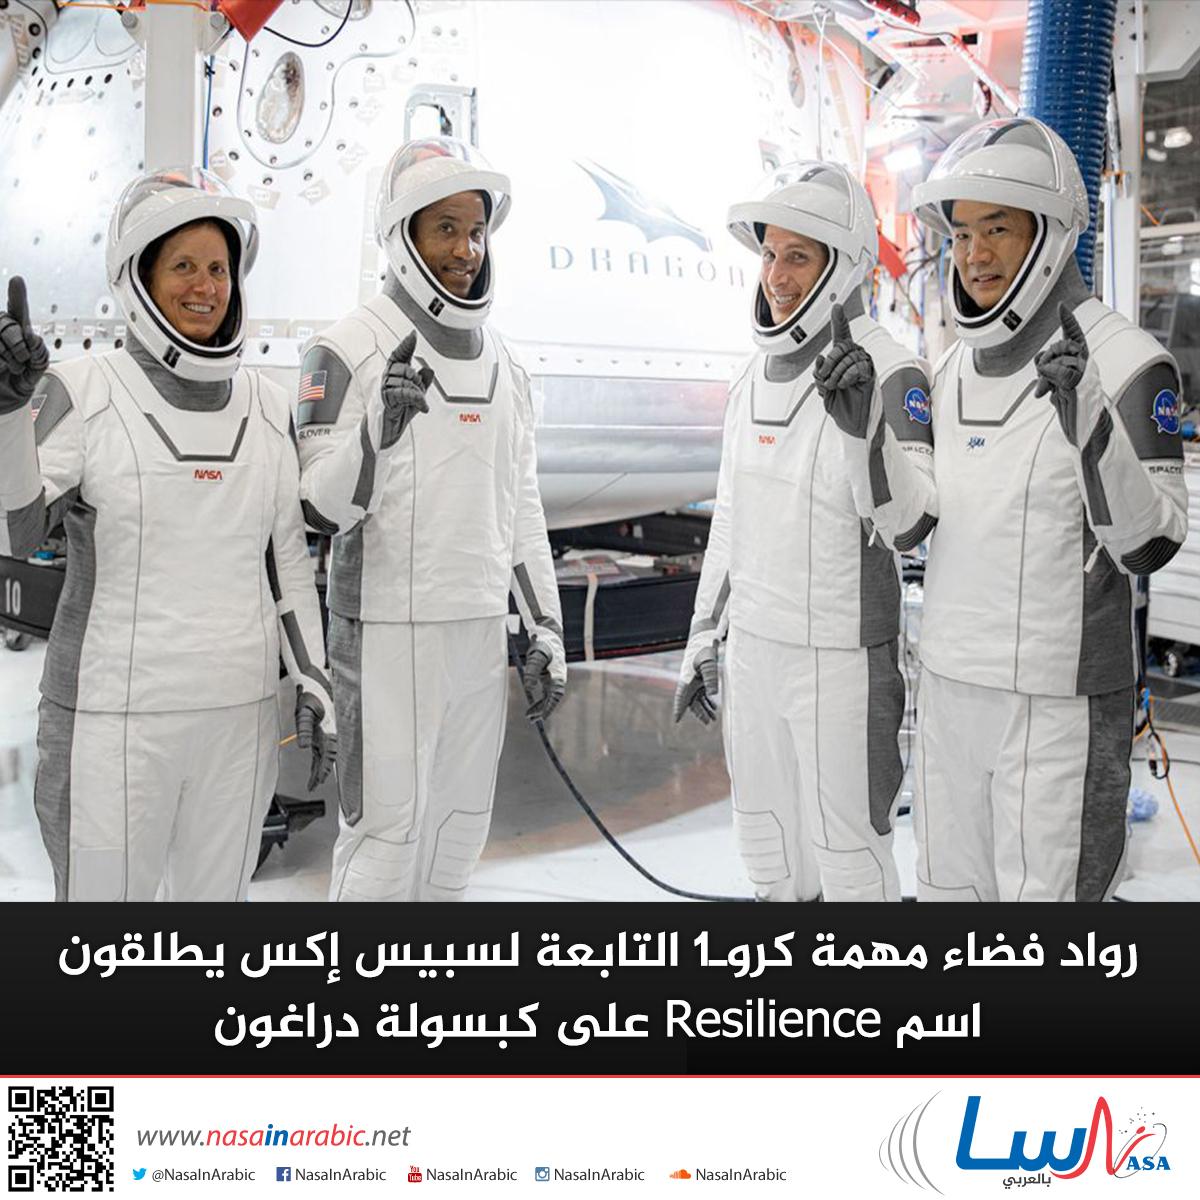 رواد فضاء مهمة كروـ1 التابعة لسبيس إكس يطلقون اسم Resilience على كبسولة دراغون